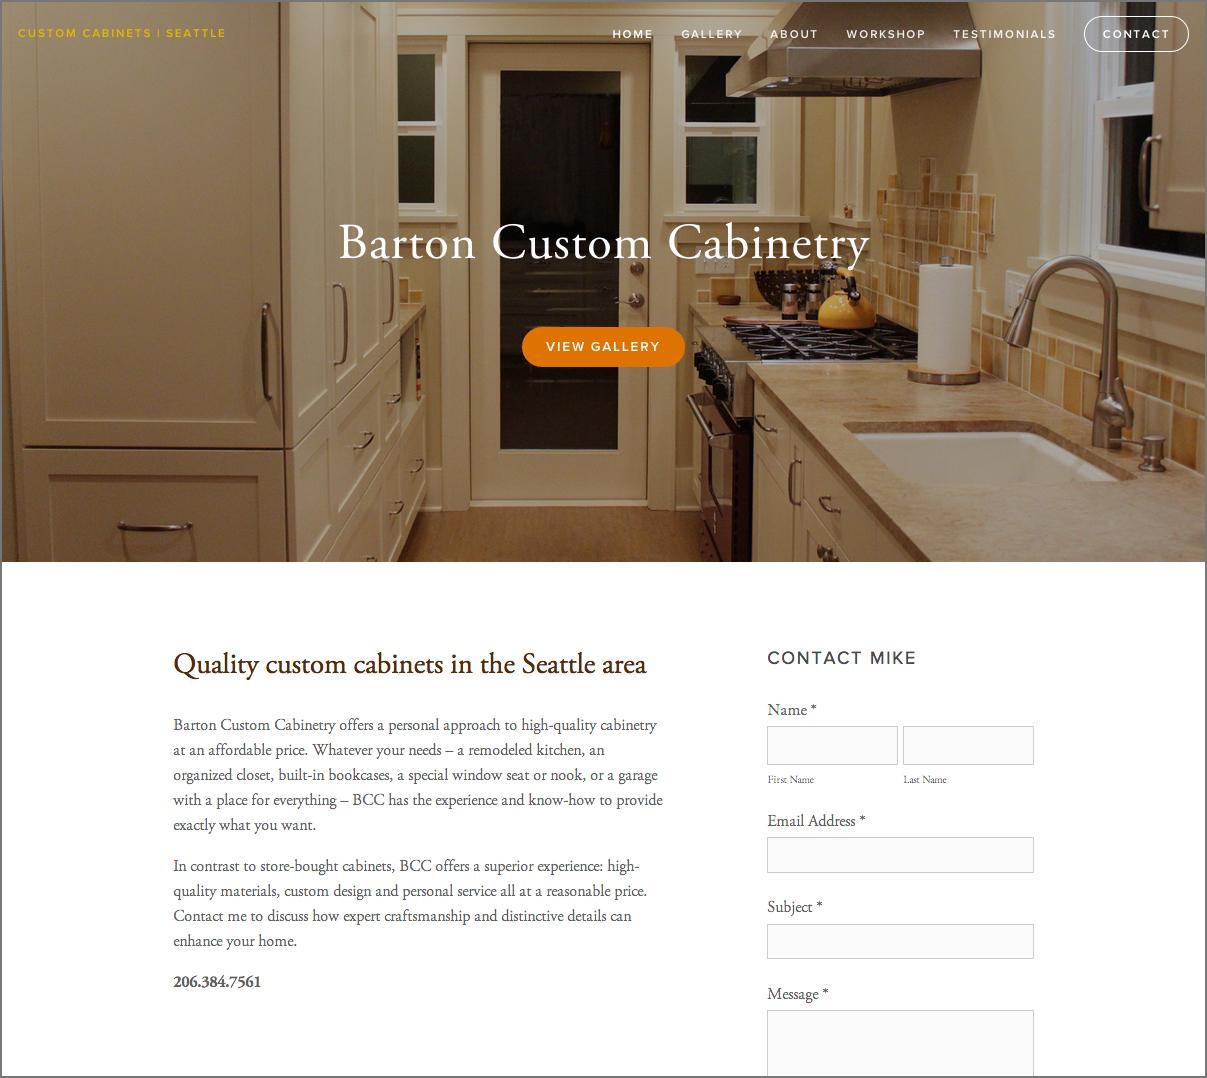 Barton-home-redesign-2.jpg